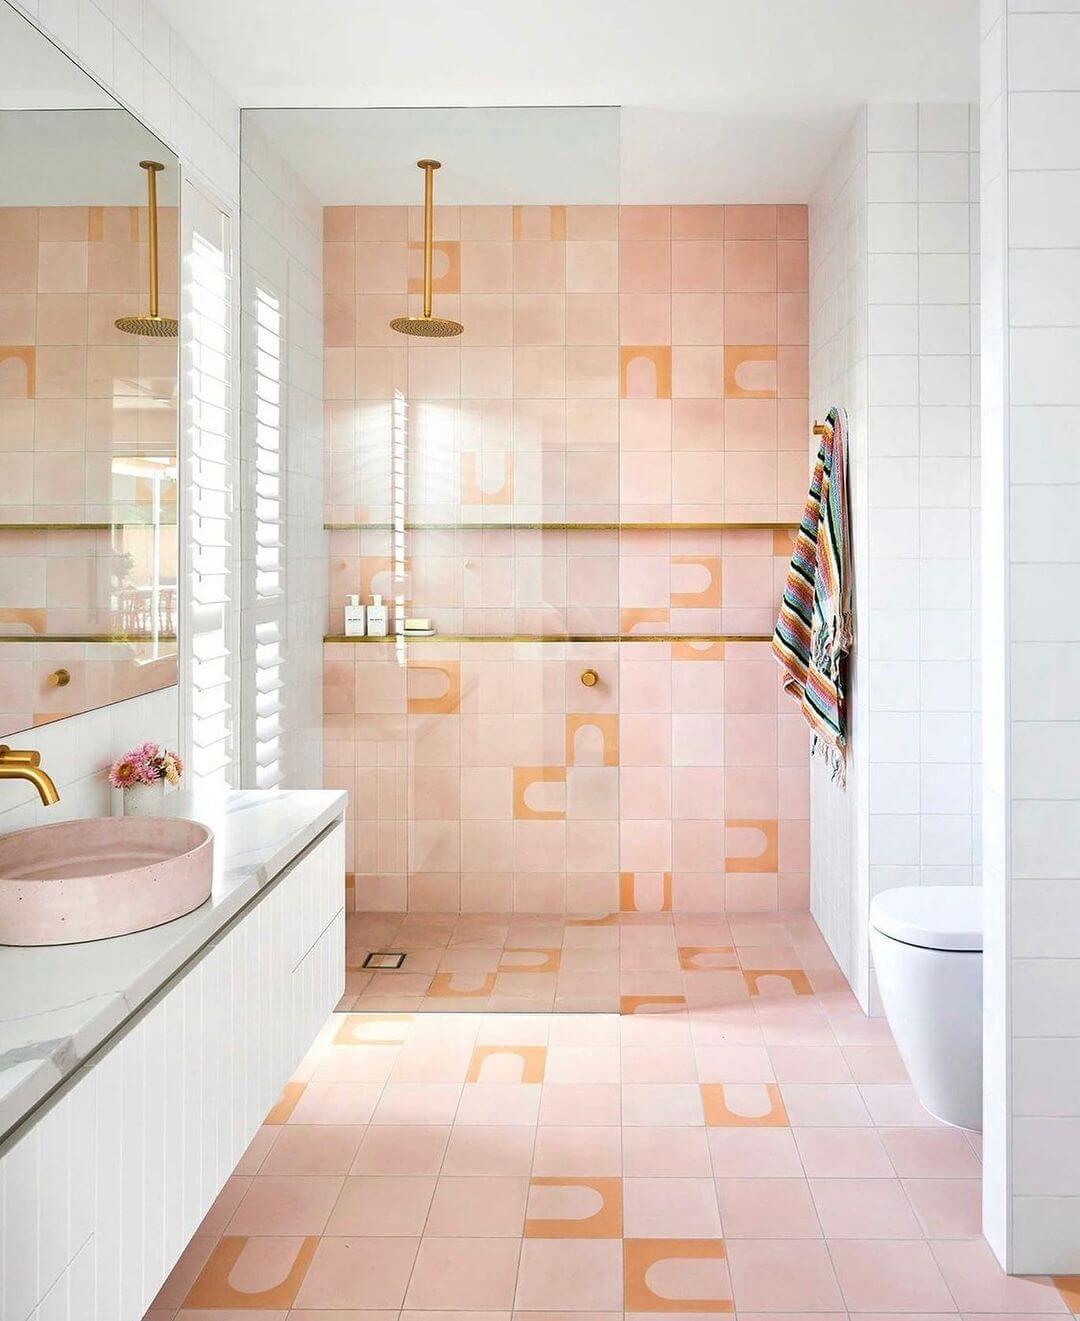 Bangalow Round Encaustic Tile